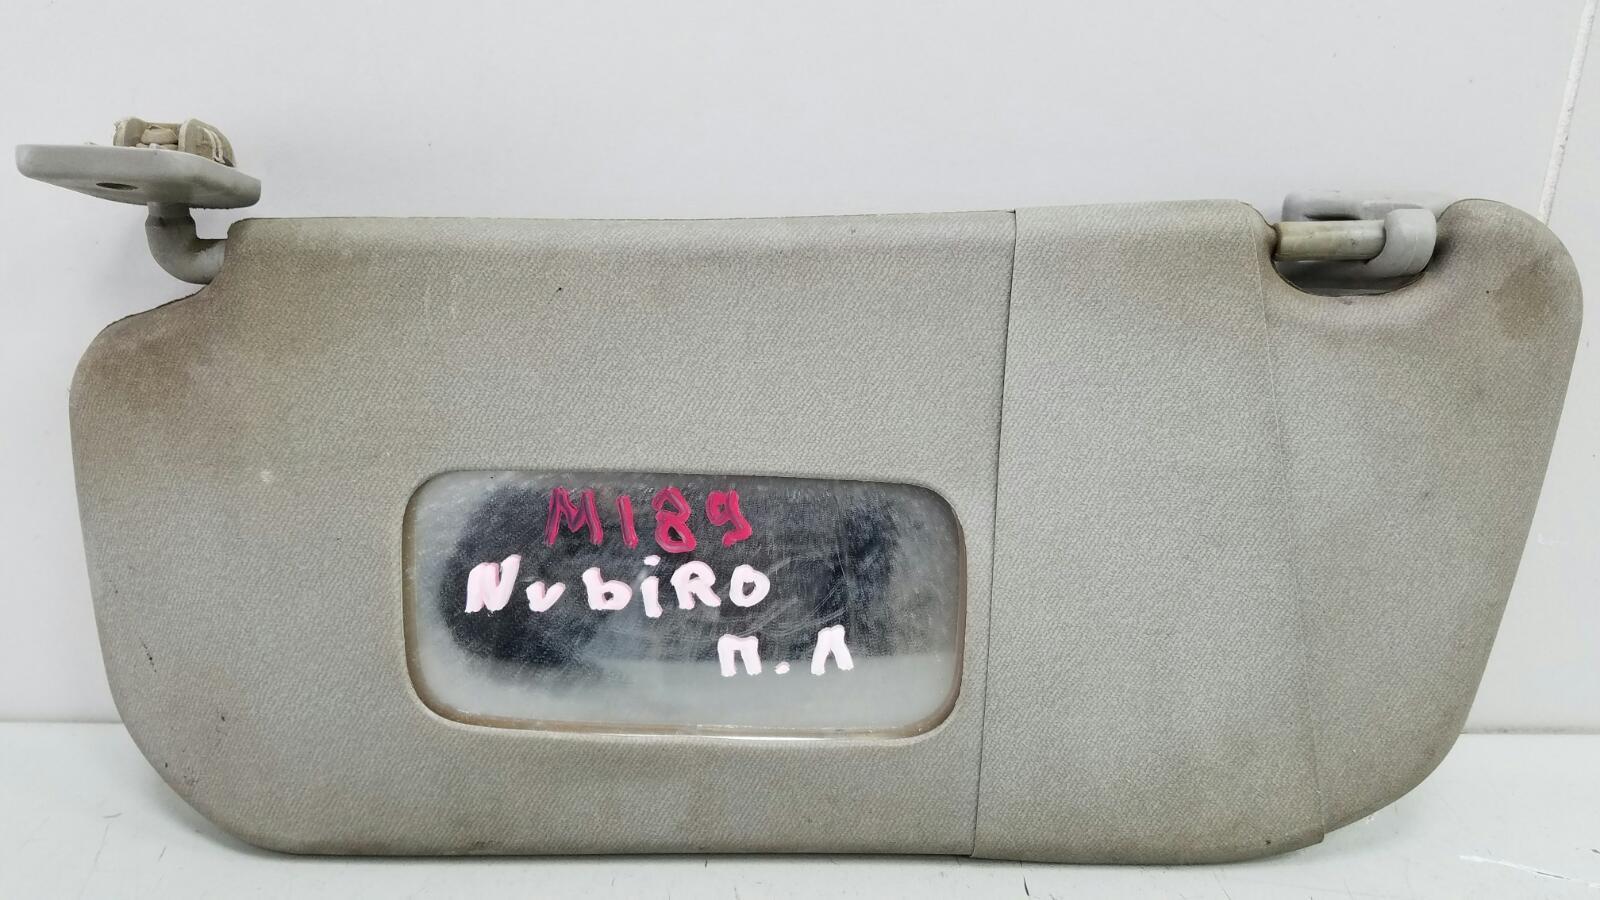 Козырек солнцезащитный Daewoo Nubiro KLAJ X20SED 2.0Л 1999 передний левый